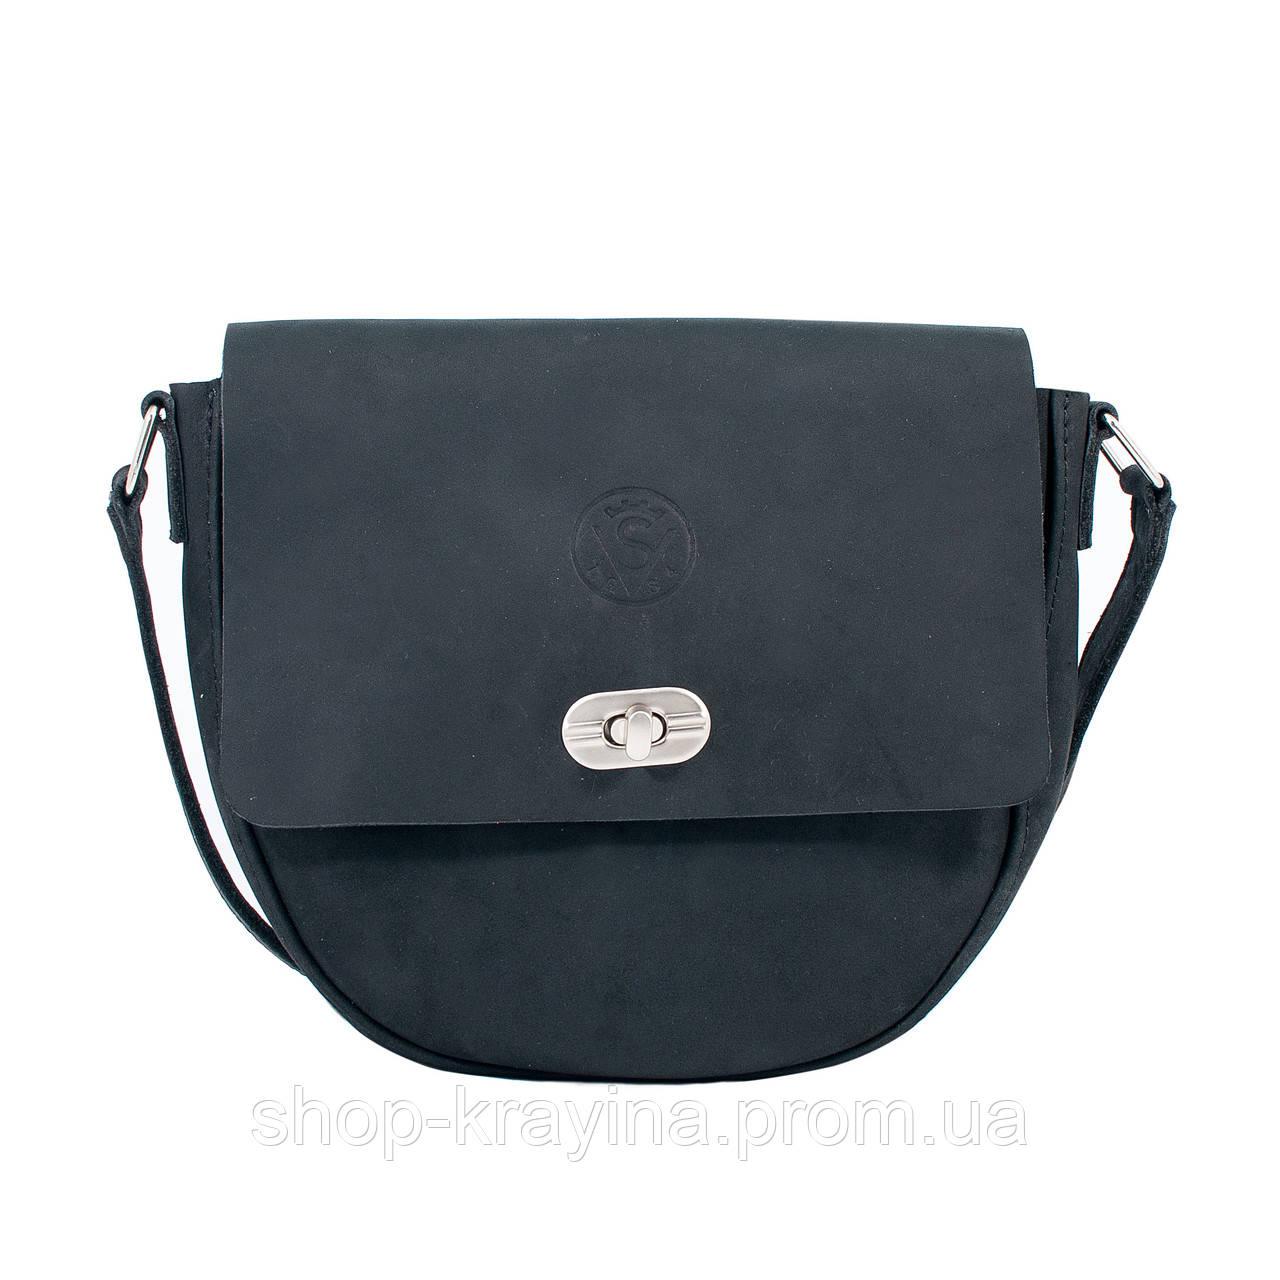 Кожаная сумка VS221  black 20х20х5 см